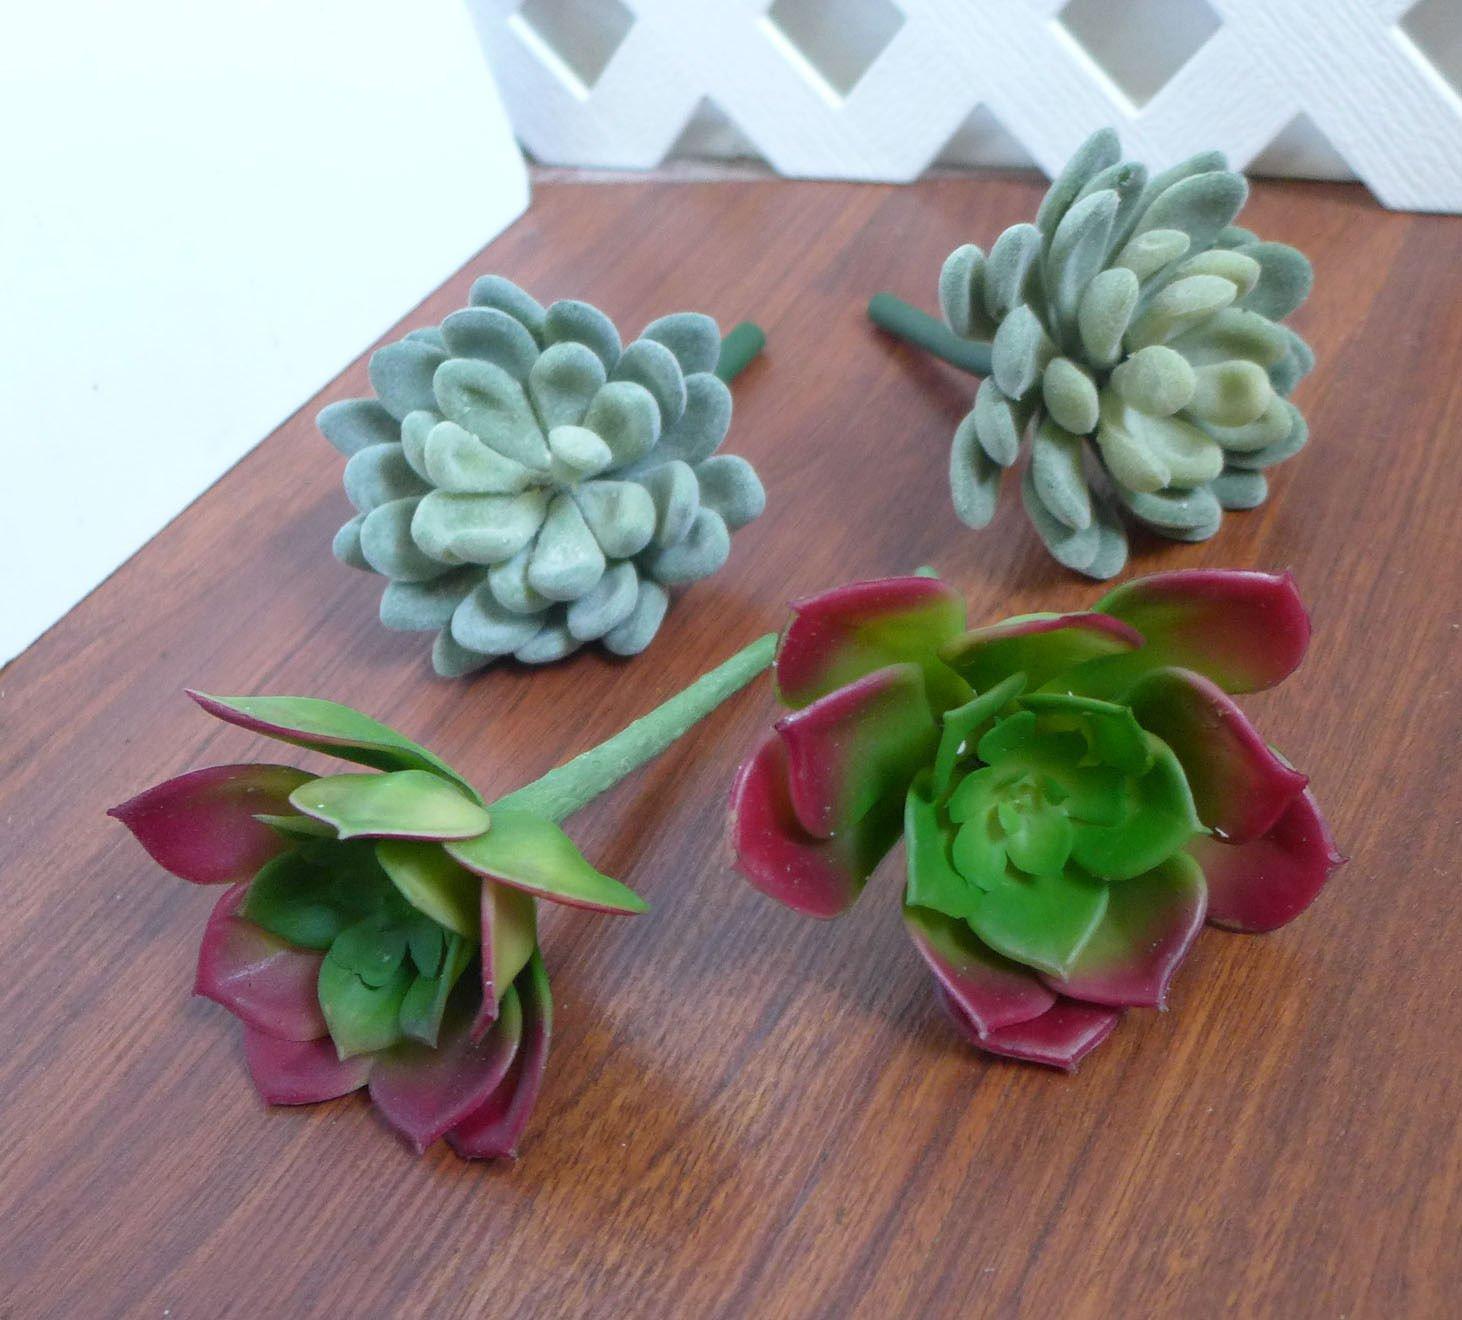 4 Artificial Succulents Plants Snow Ball Lotus Home Garden Landscape